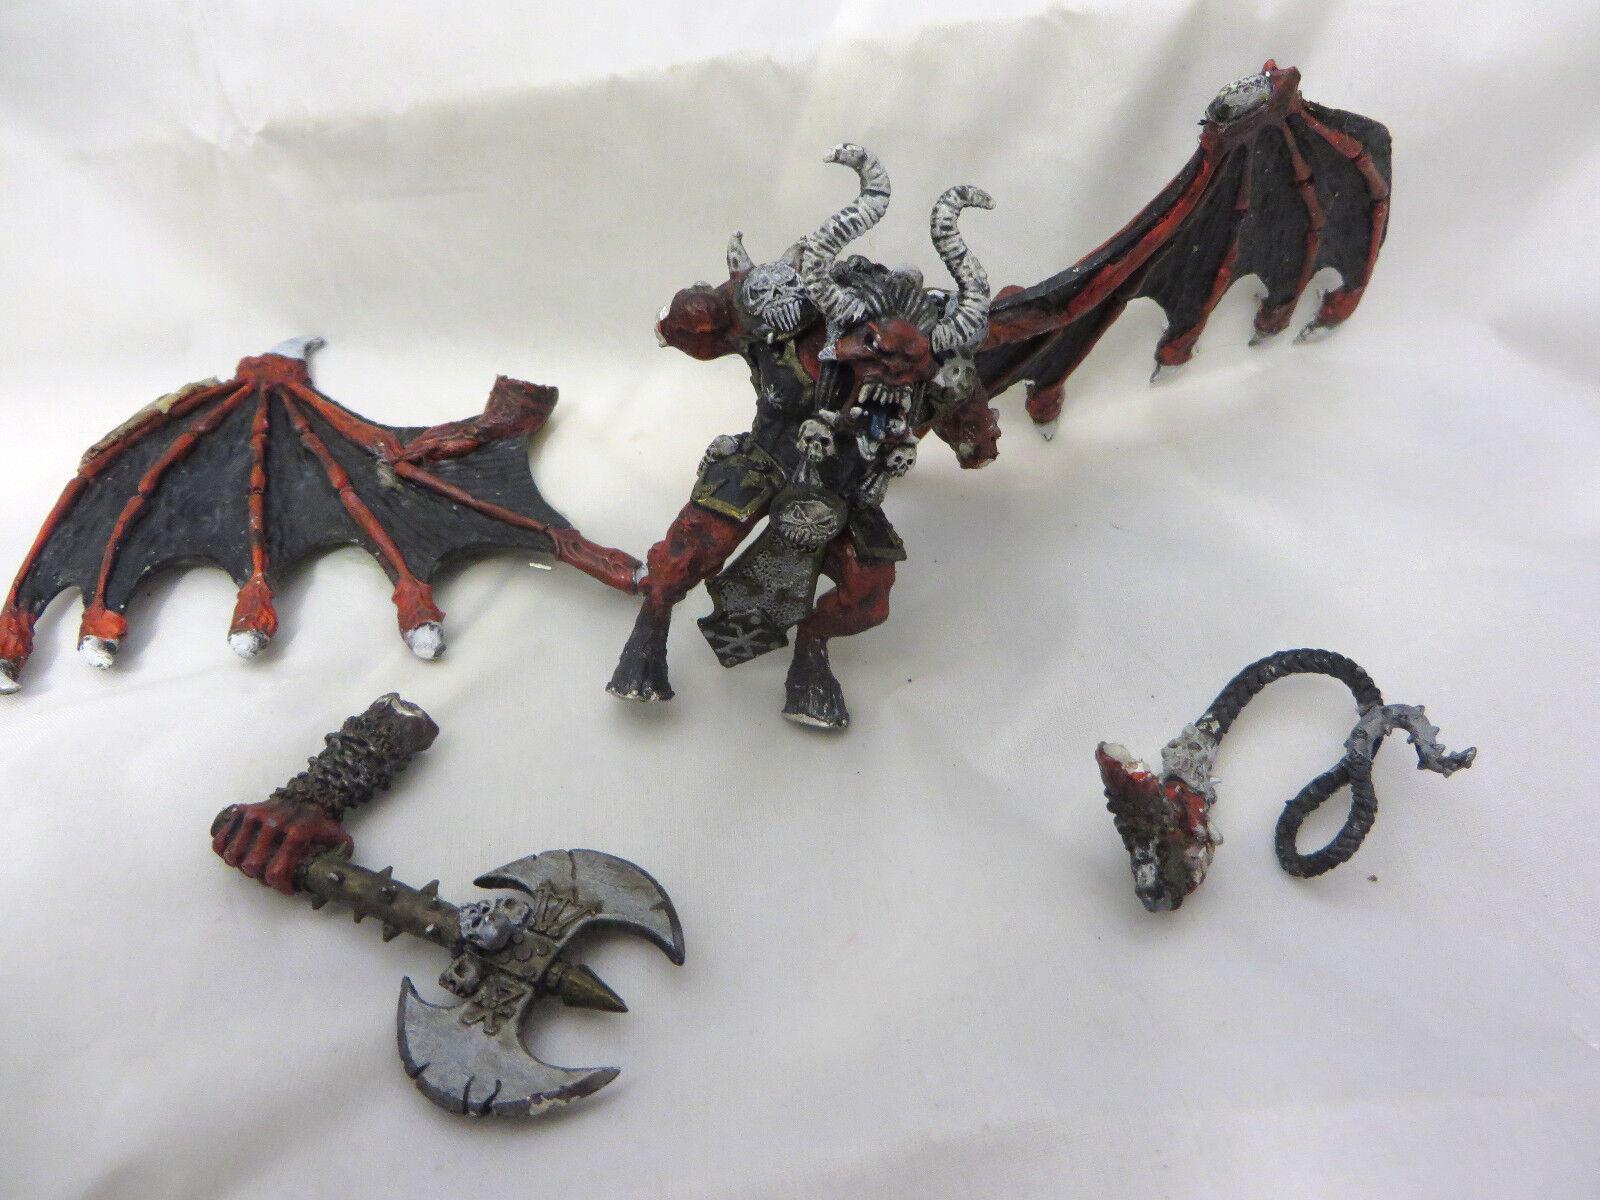 Warhammer Chaos Greater Demon Daemon Daemon Daemon Khorne metal oop 1a4848